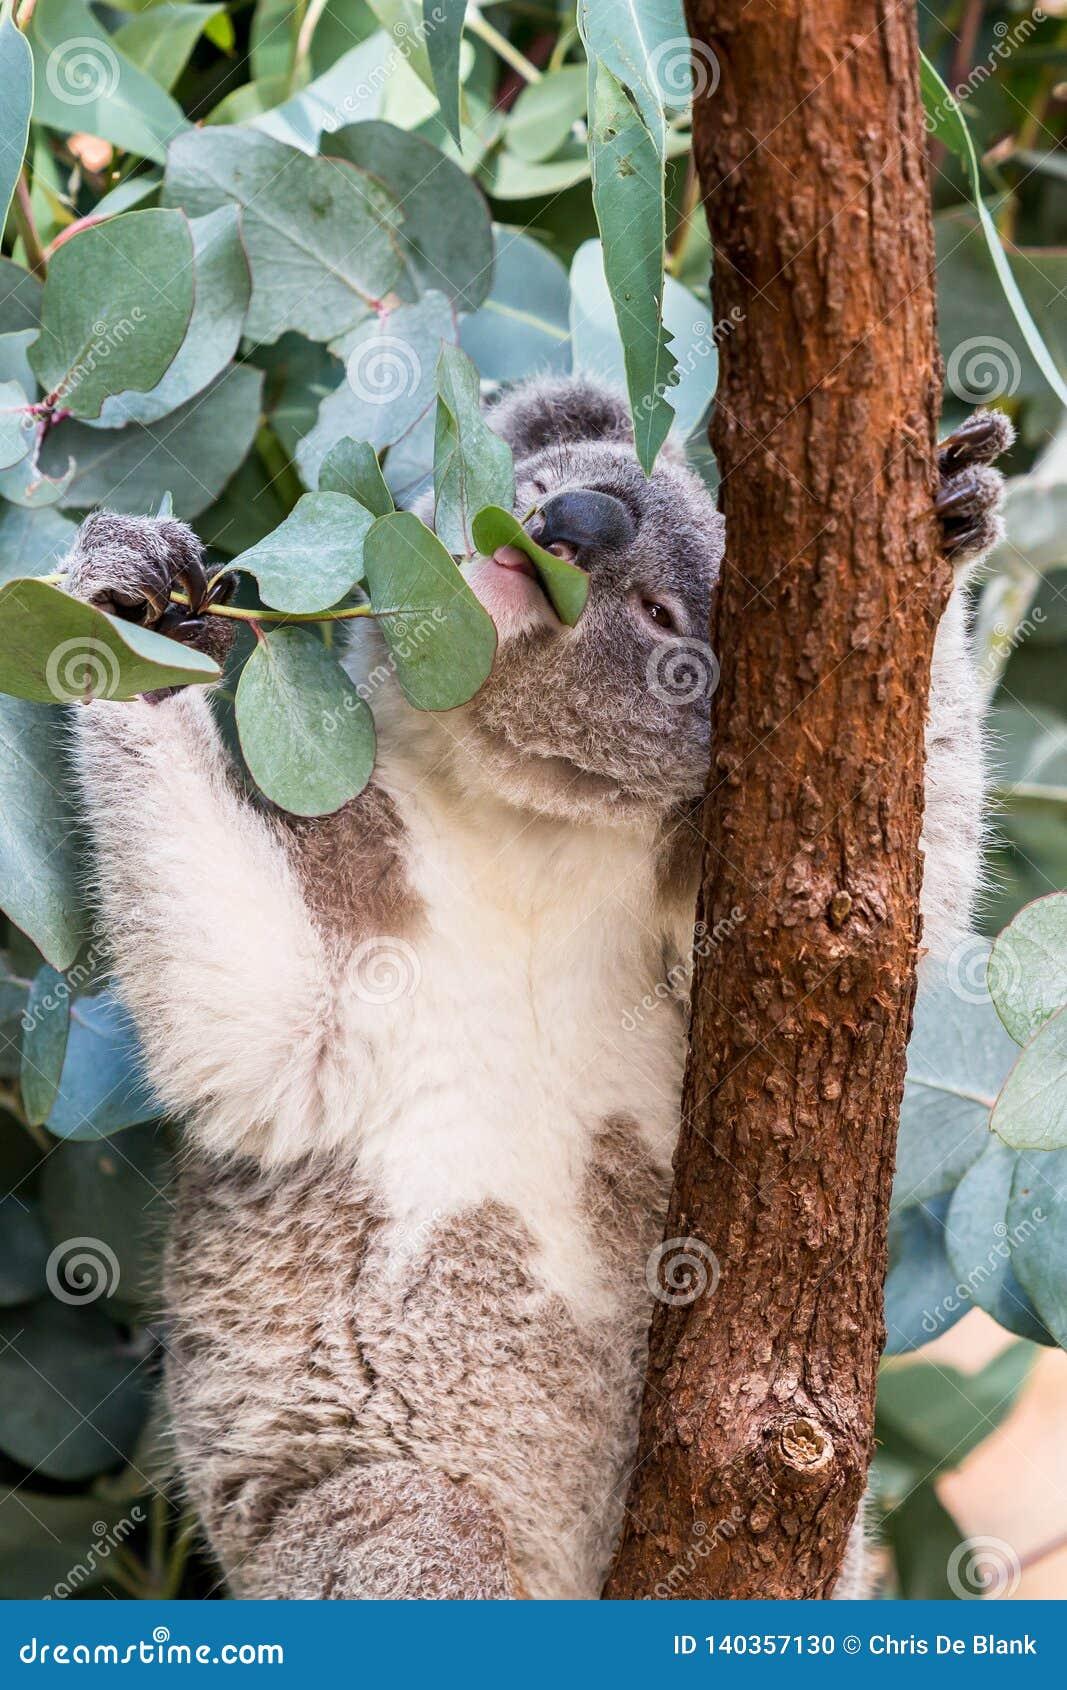 Koala feeding on gum leaves